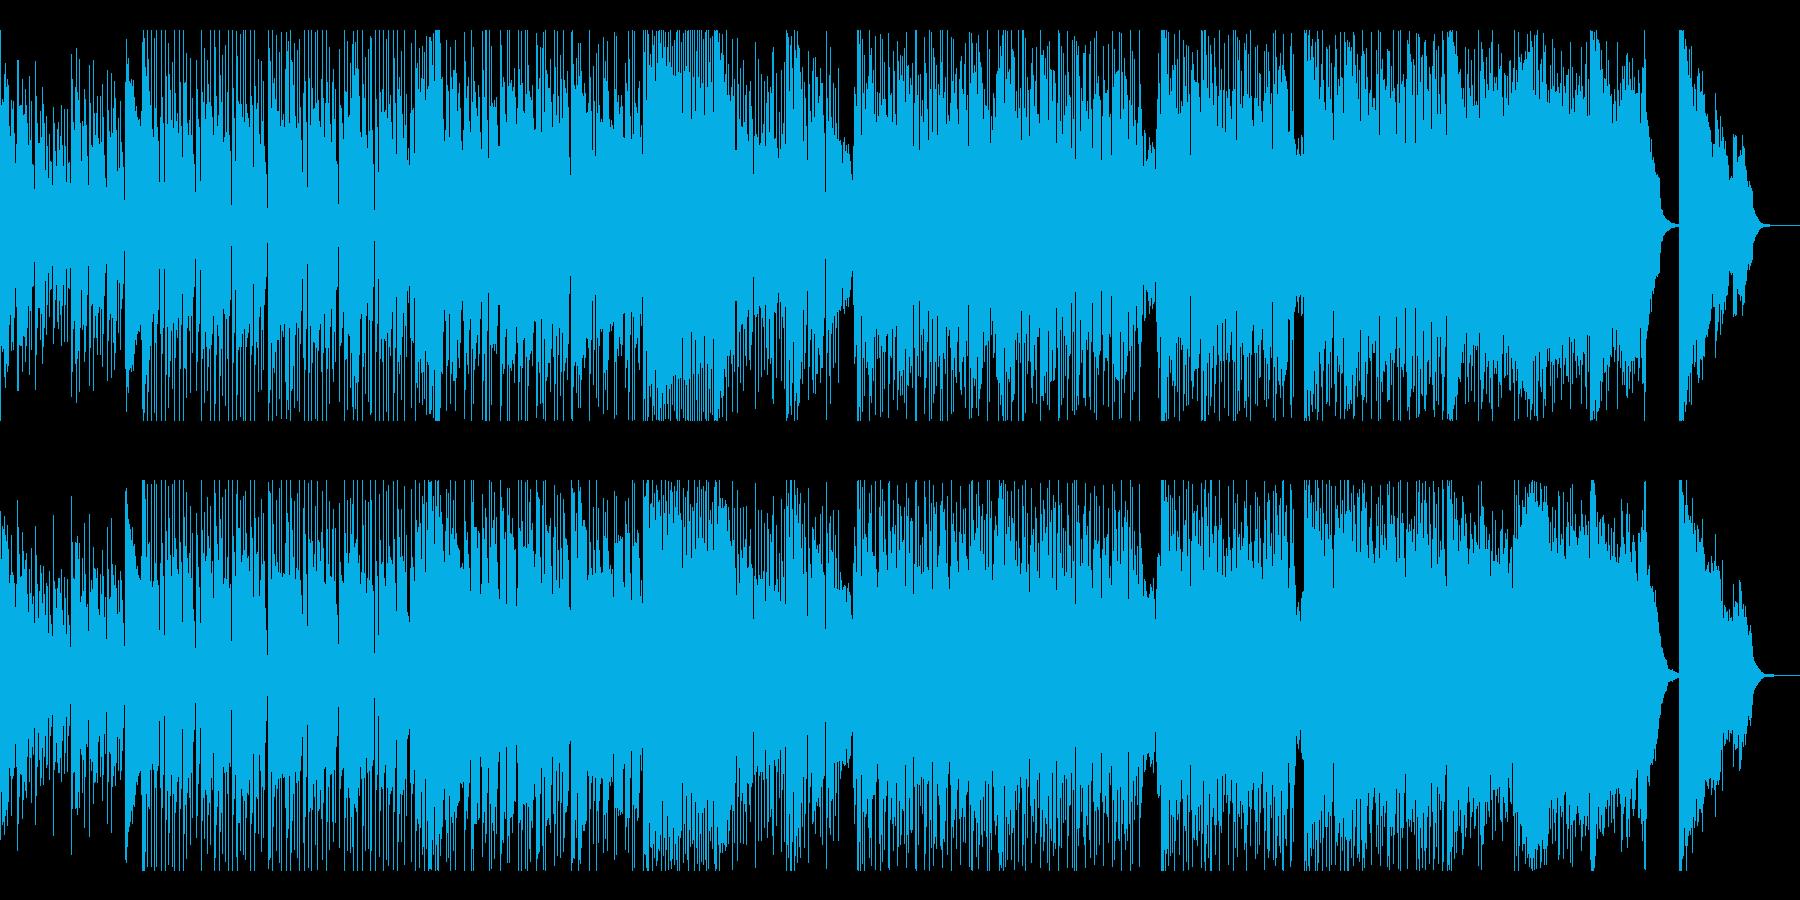 ★展開があるドラマチックな和風EDMの再生済みの波形